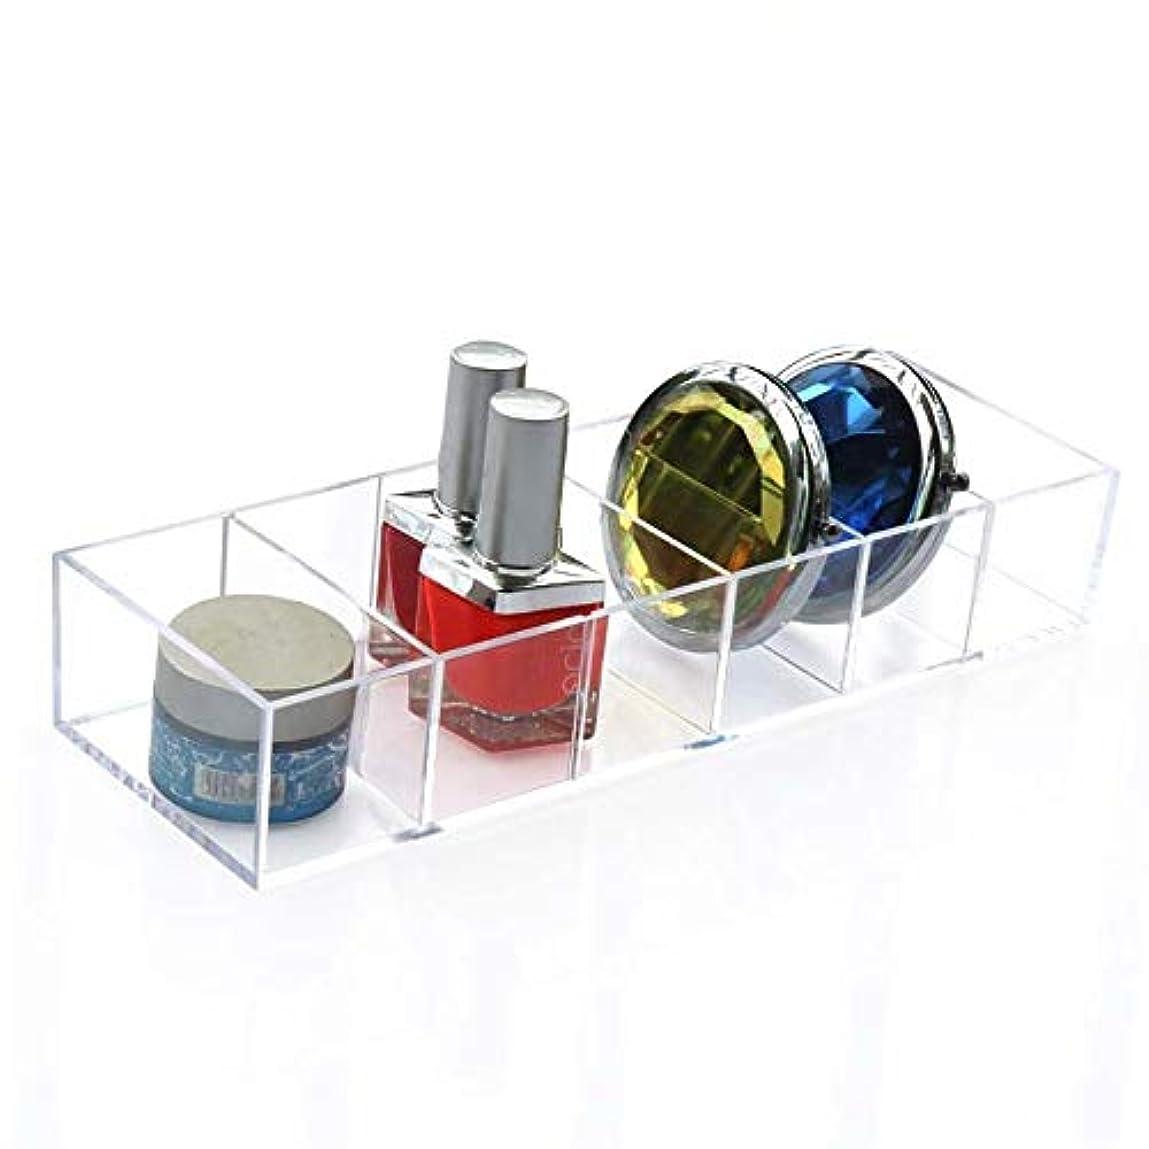 けん引浸したおじさん整理簡単 シンプル6スロットアクリルフェイスパウダー口紅ホルダー化粧ケース収納オーガナイザーボックス (Color : Clear, Size : 25.5*8.6*4.4CM)